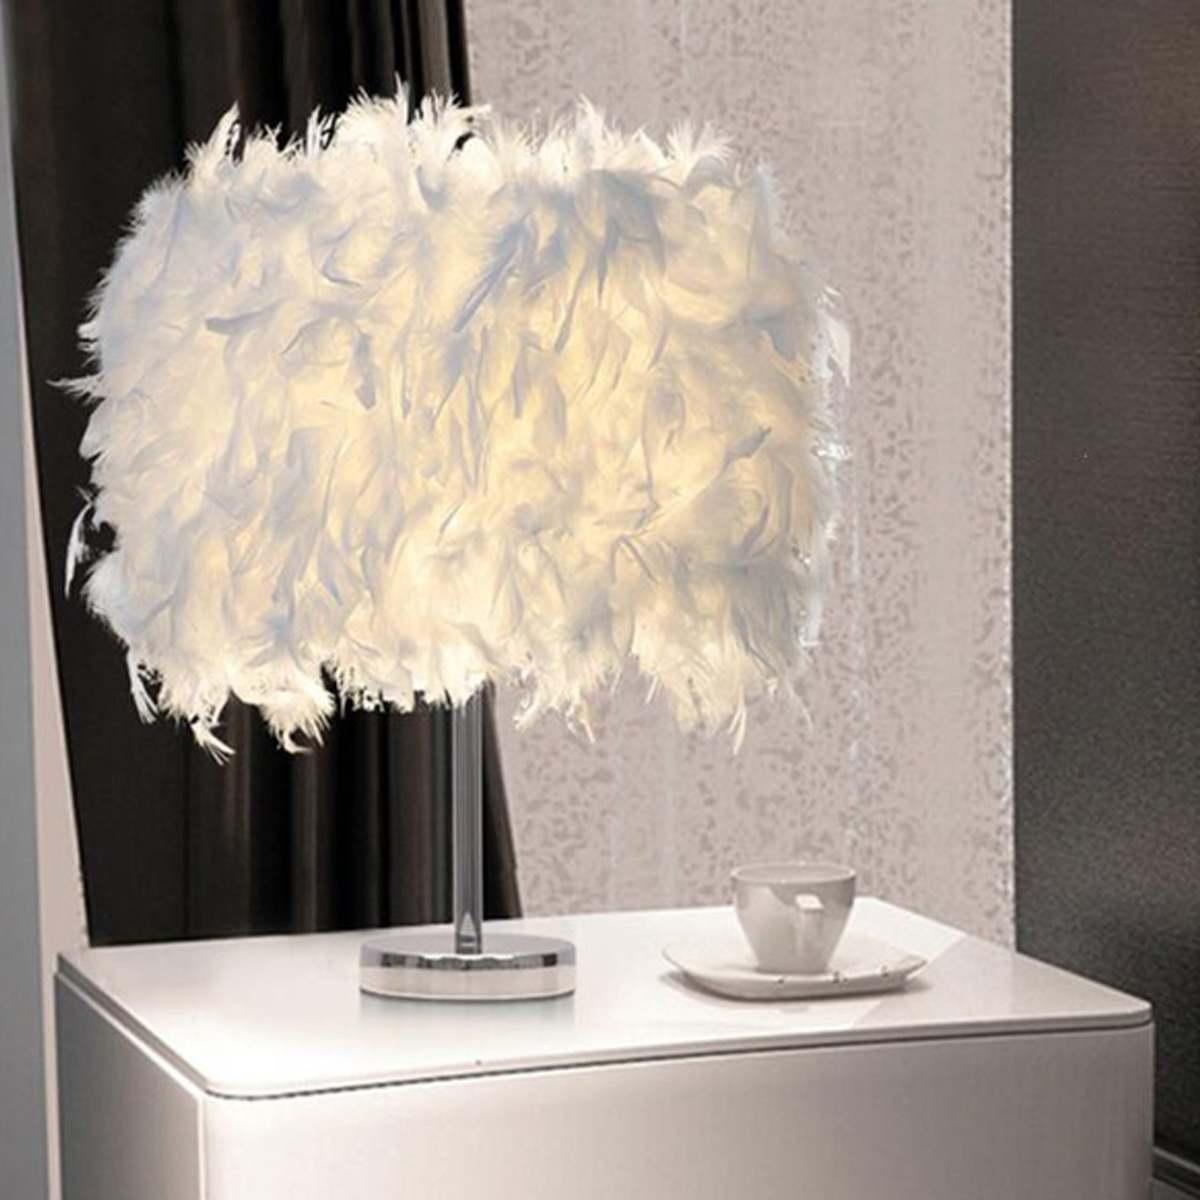 220V Federschatten Metall Tischlampe Nachttisch Schreibtisch Vintage Nachtlicht Weihnachten Dekor Weiche Vintage Schlafzimmer Studienzimmer Weiß